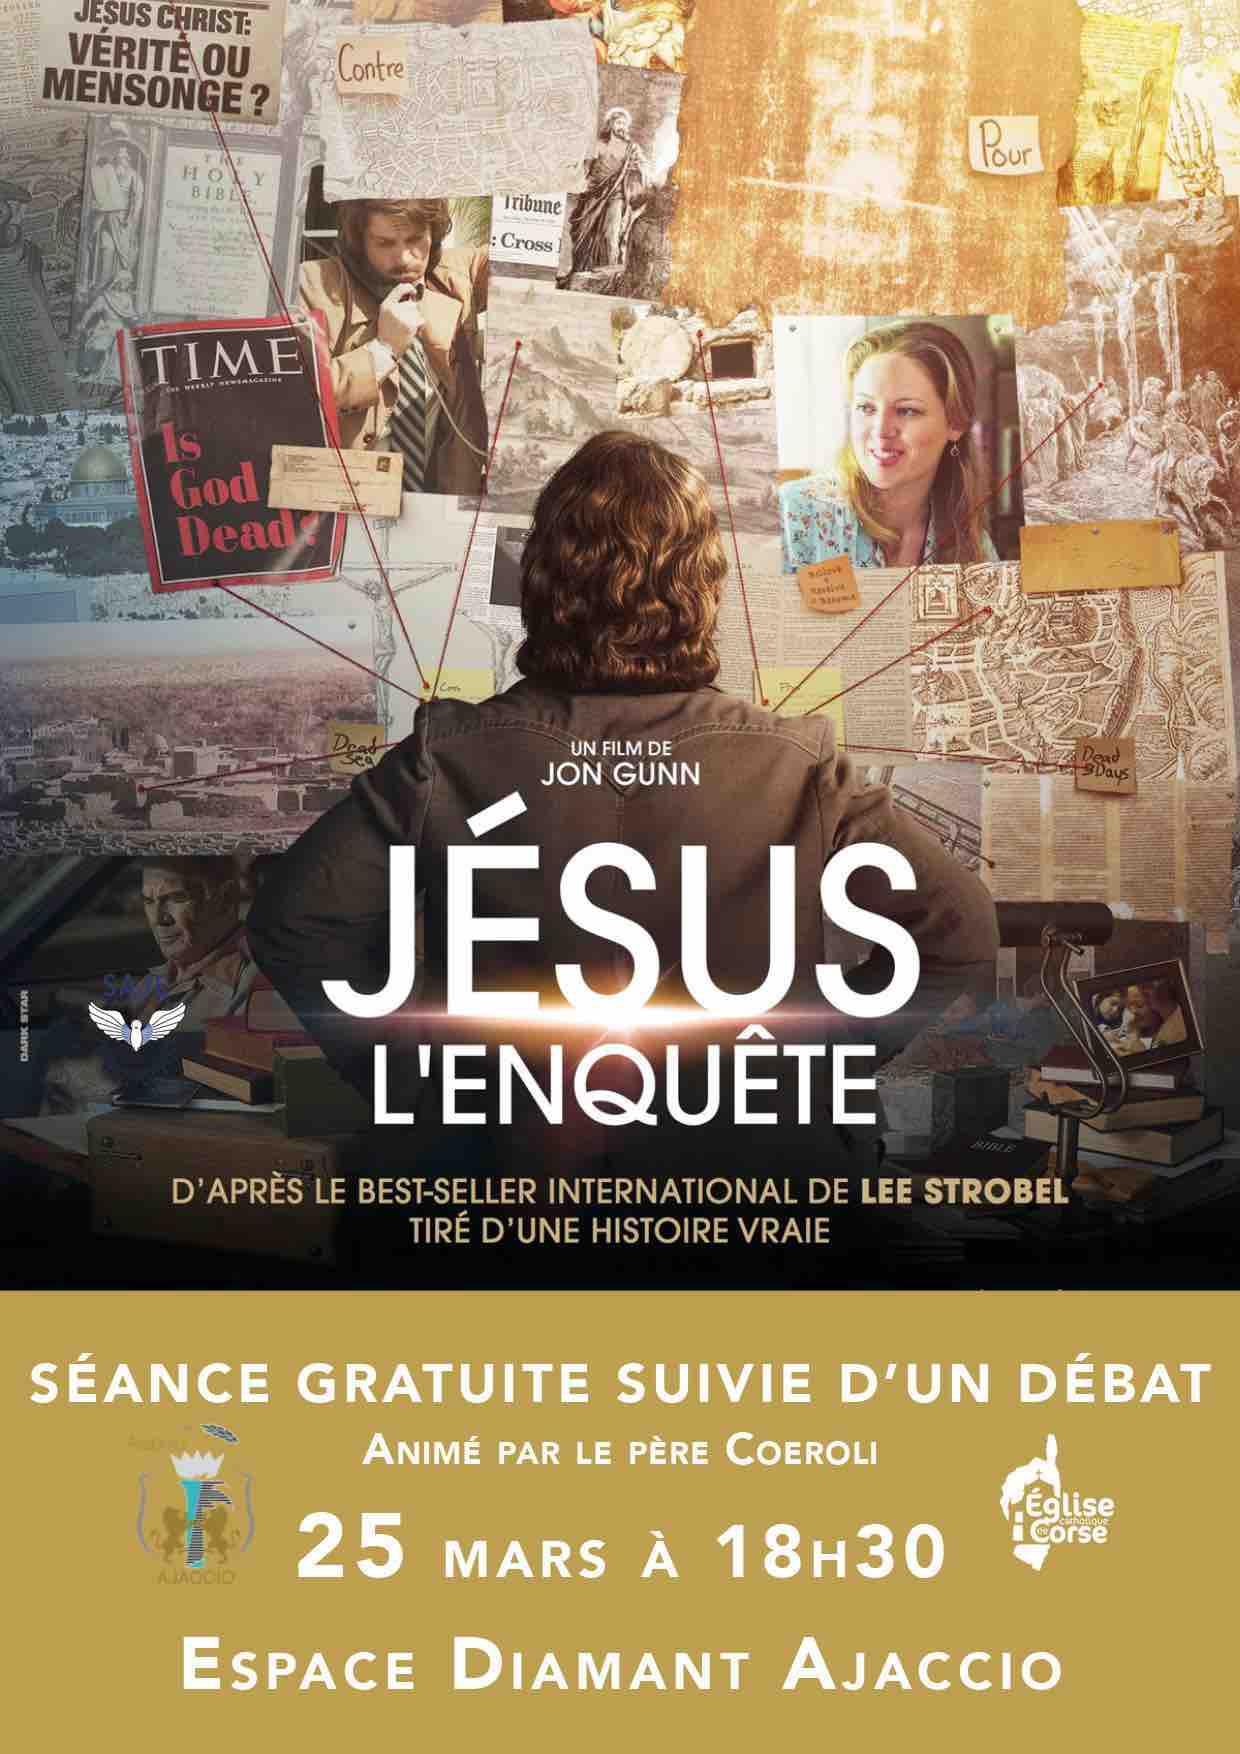 Jésus l'enquête : séance ciné et débat le 25 mars à l'espace Diamant d'Ajaccio